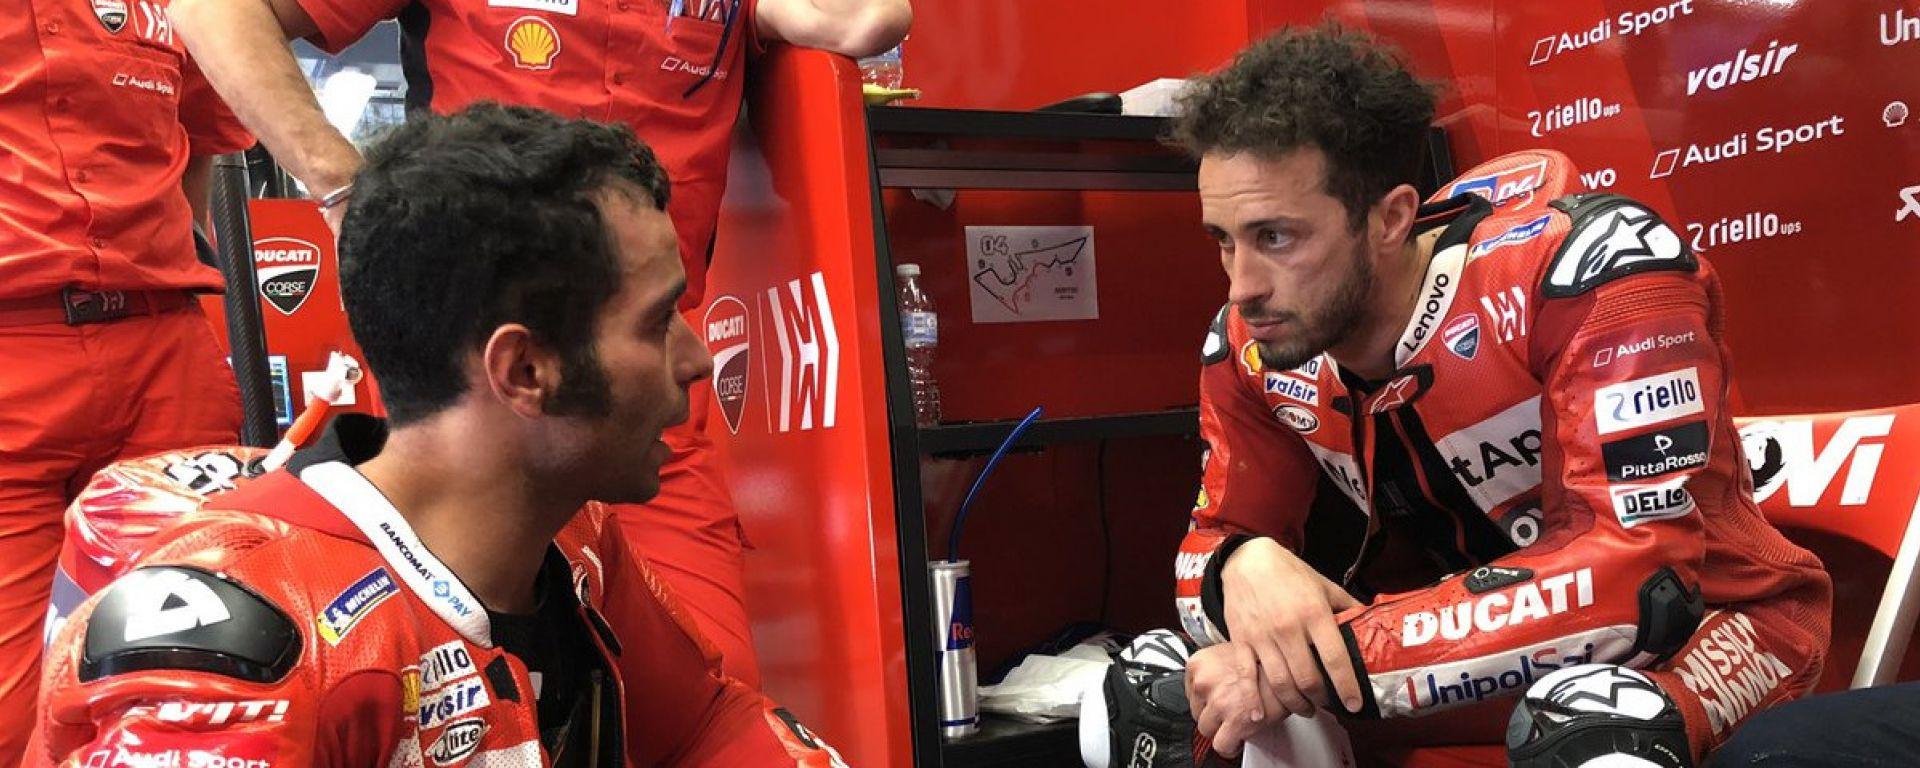 Andrea Dovizioso e Danilo Petrucci confabulano dopo il GP delle Americhe